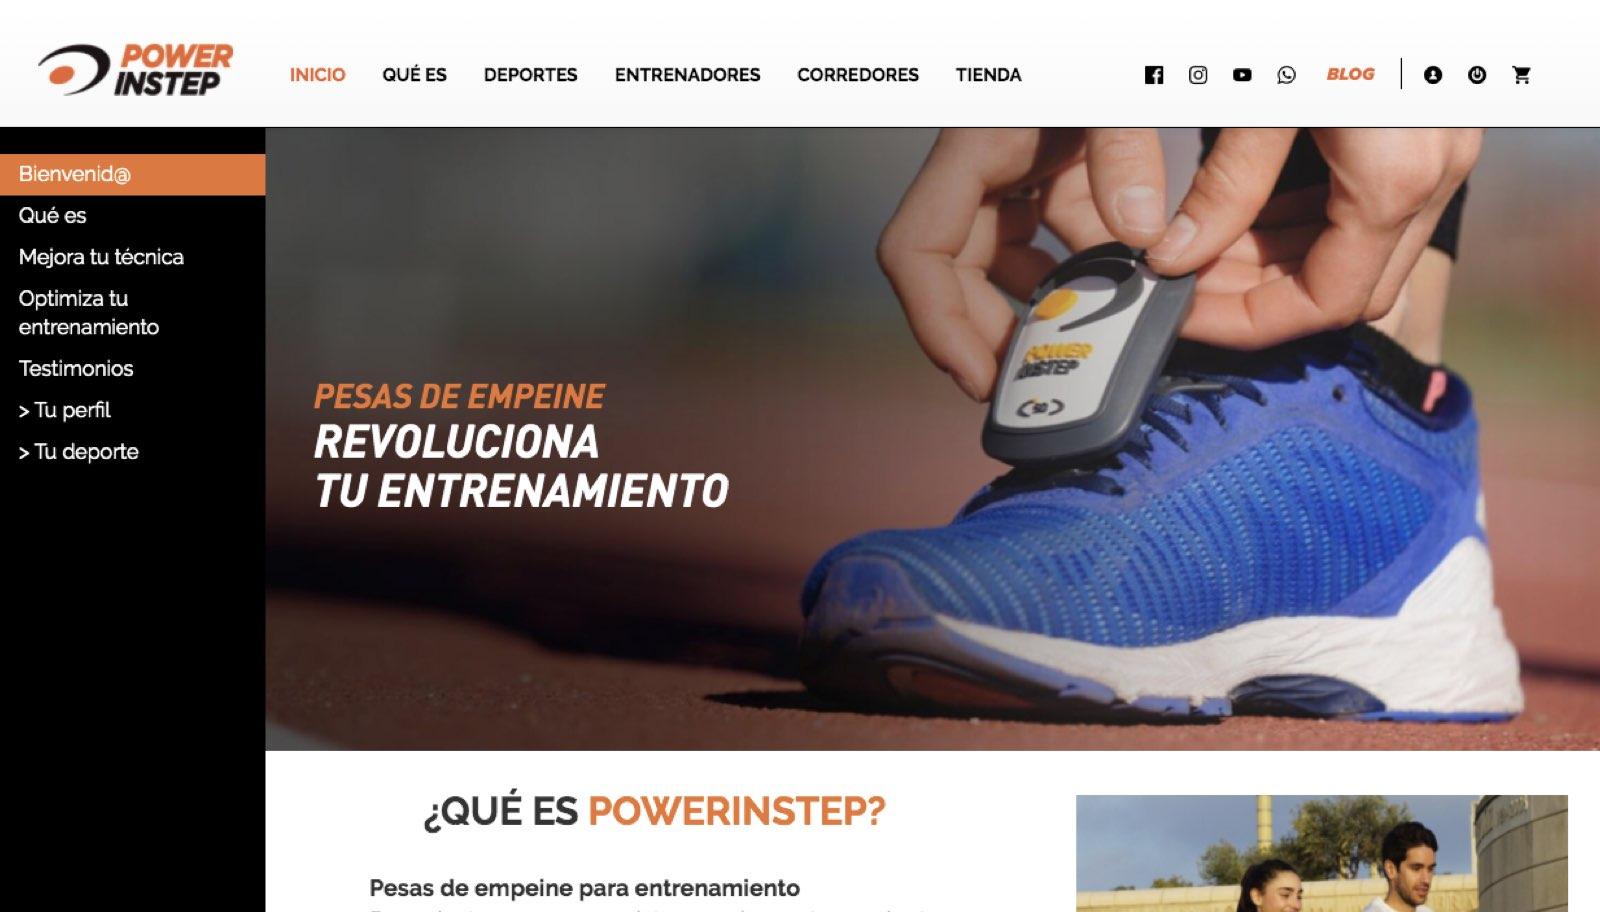 La nueva página web de Powerinstep